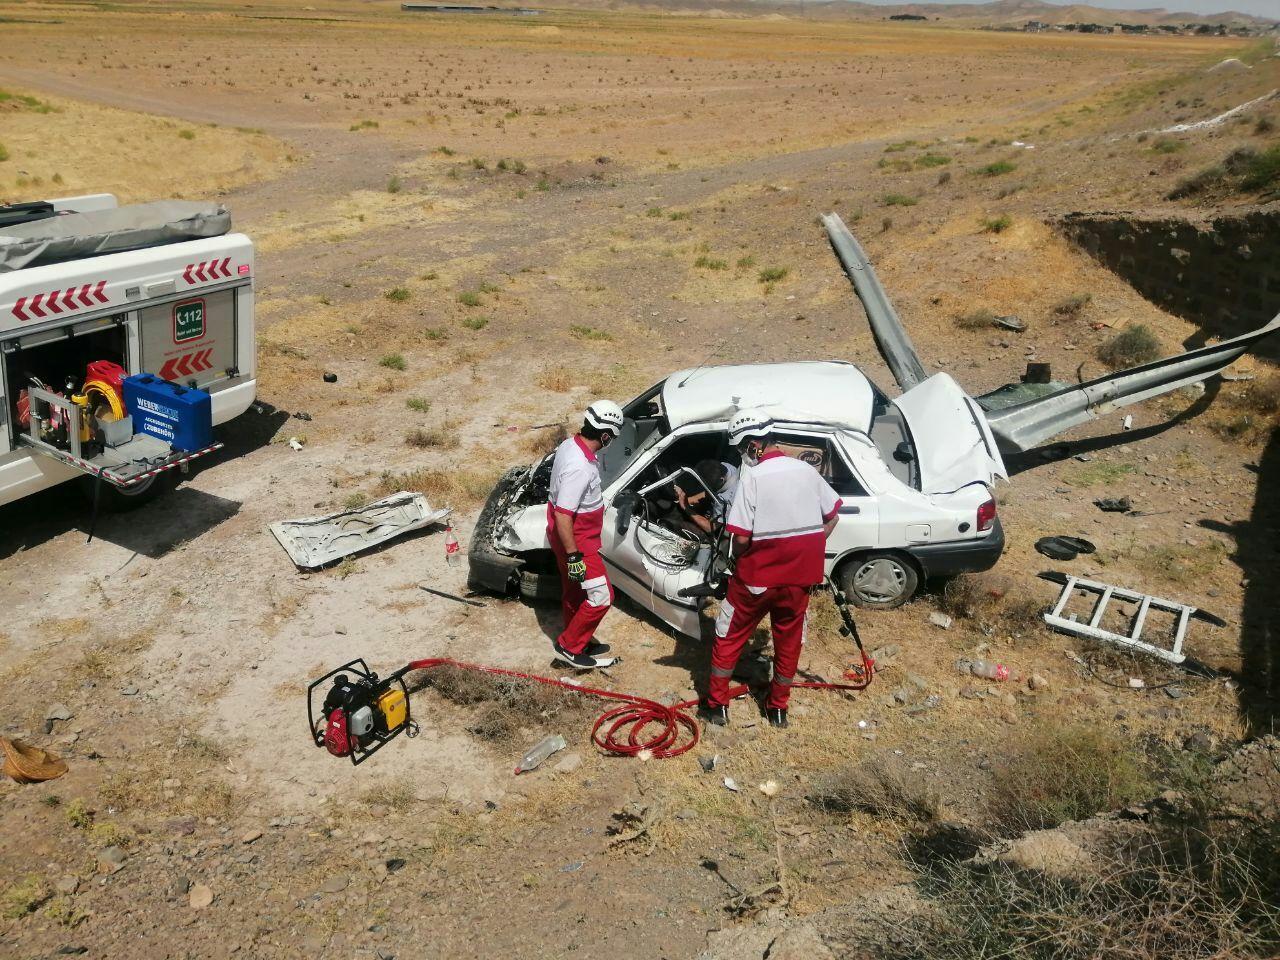 فوت 70 نفر در تصادفات رانندگي آذربايجان شرقي